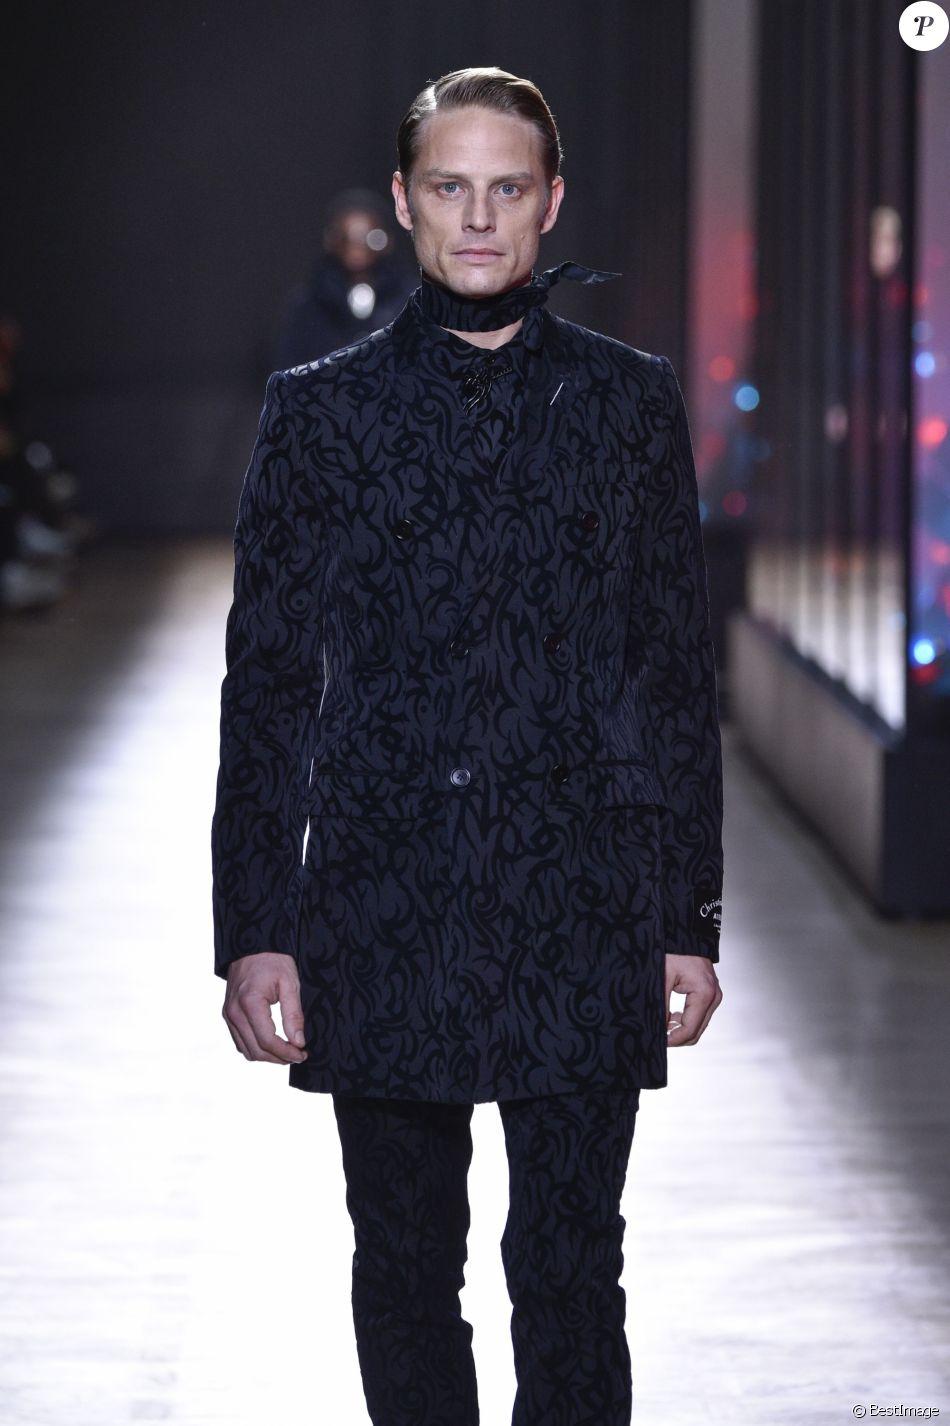 Arnaud Lemaire - Défilé de mode Dior Homme collection Automne/Hiver 2018/2019 à Paris, le 20 janvier 2018.